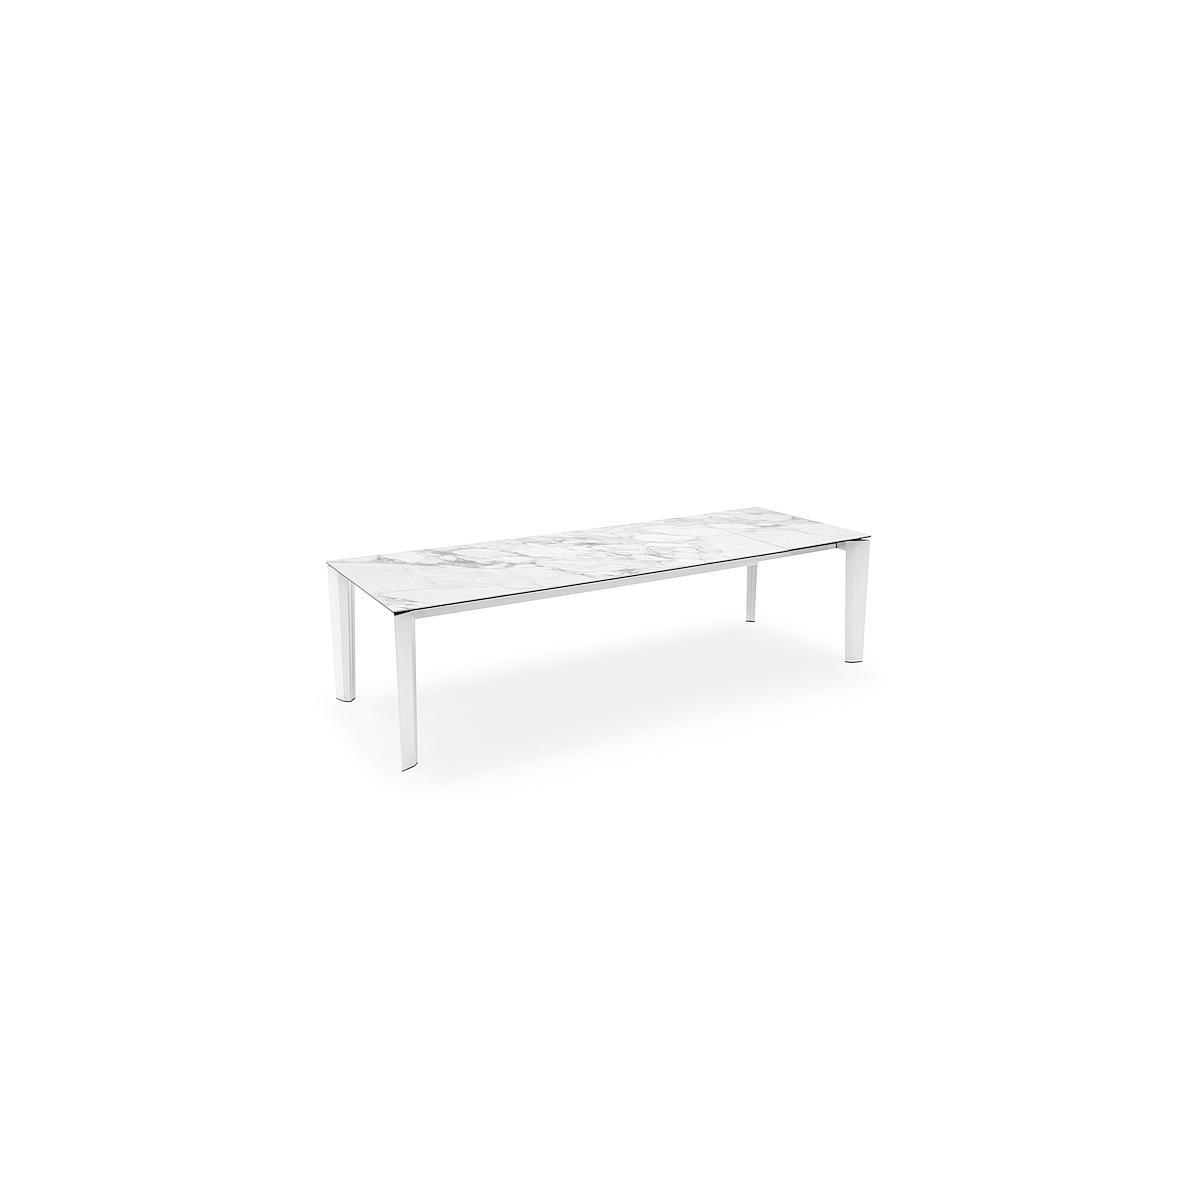 Table rectangulaire extensible DELTA Calligaris céramique-verre Marbre blanc